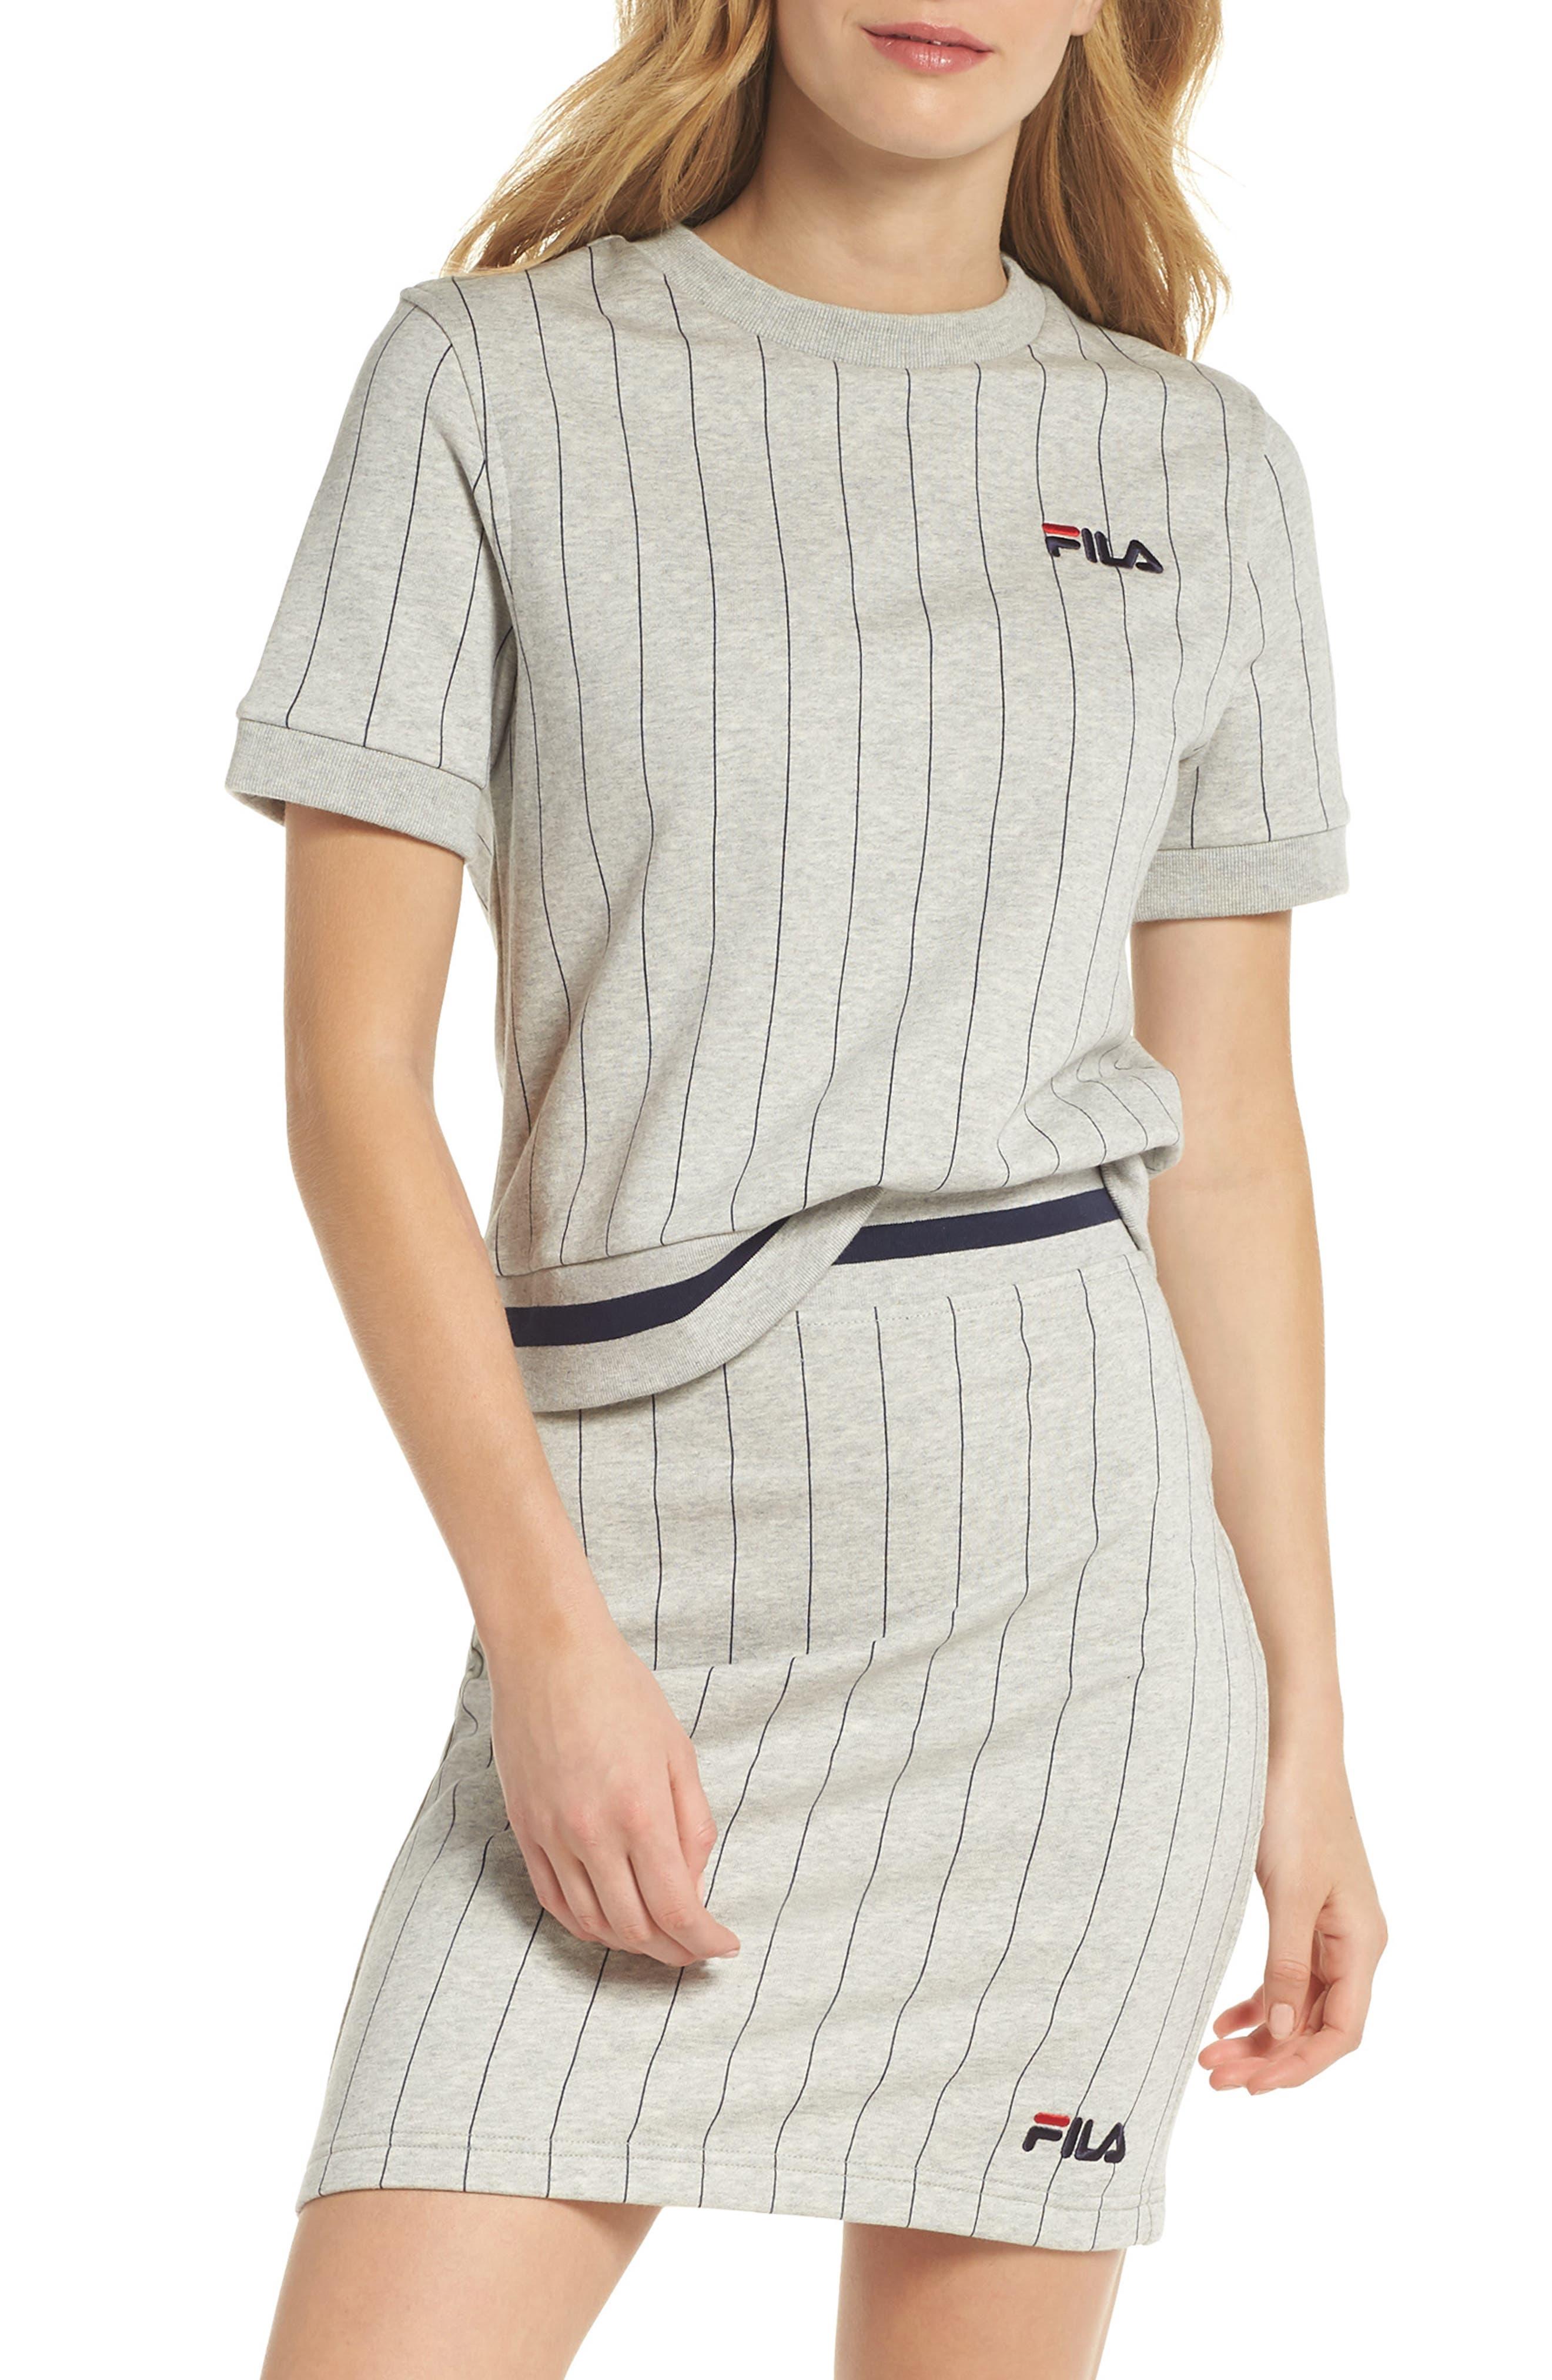 FILA Bren Stripe Sweatshirt